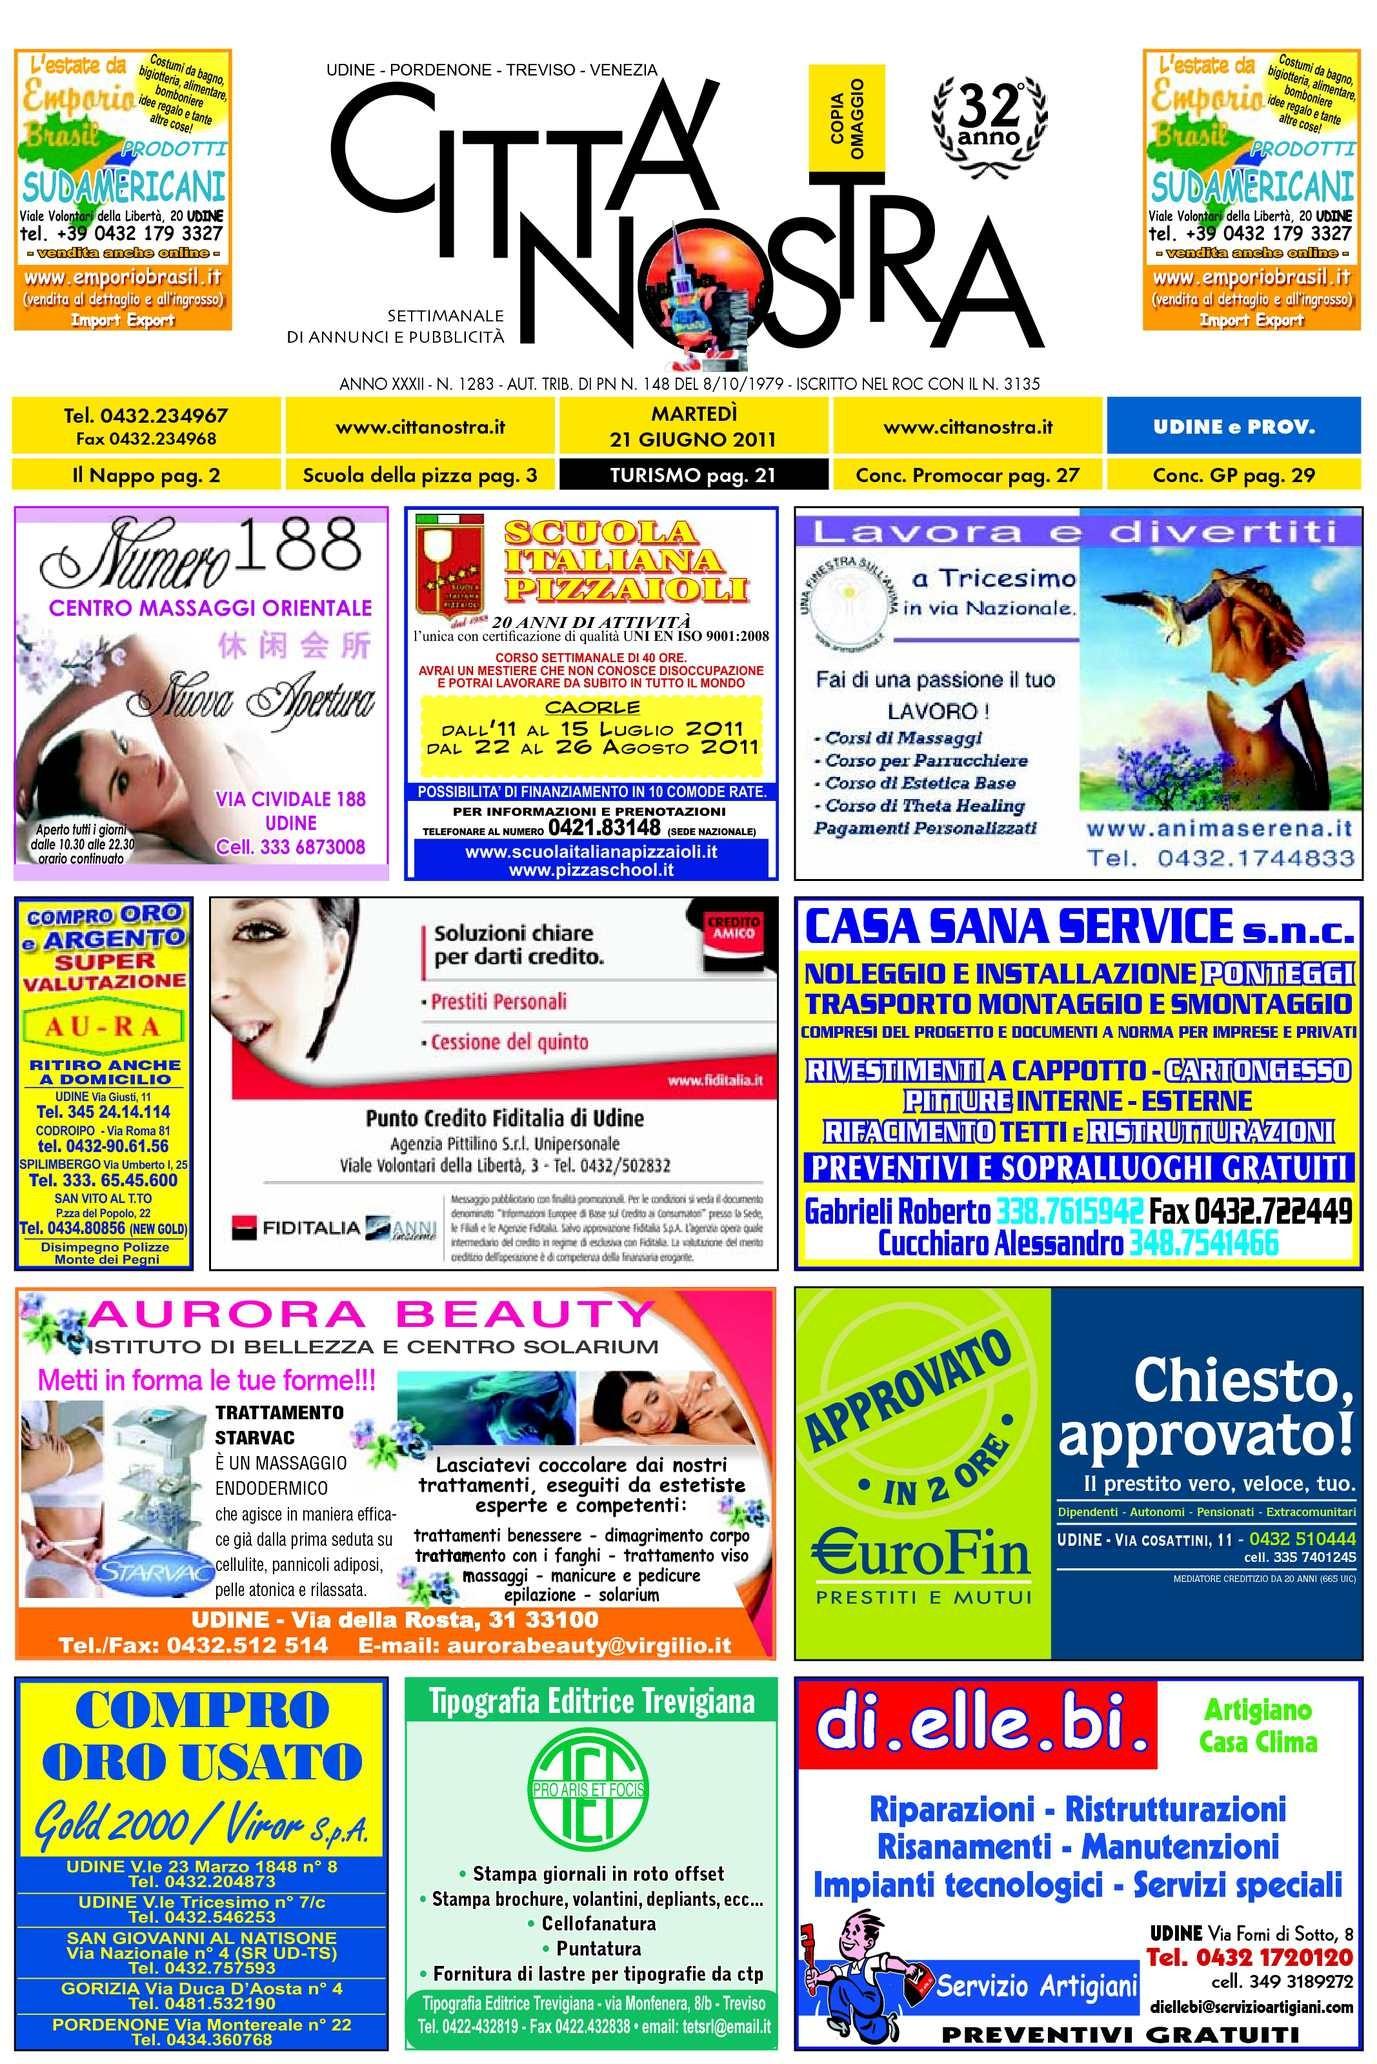 Calendario 2019 Grafica Más Recientes Calaméo Citt Nostra Udine Del 21 06 2011 N 1283 Of Calendario 2019 Grafica Recientes Smile Dalle Immagini Alla Scrittura E Viceversa by Lararia issuu